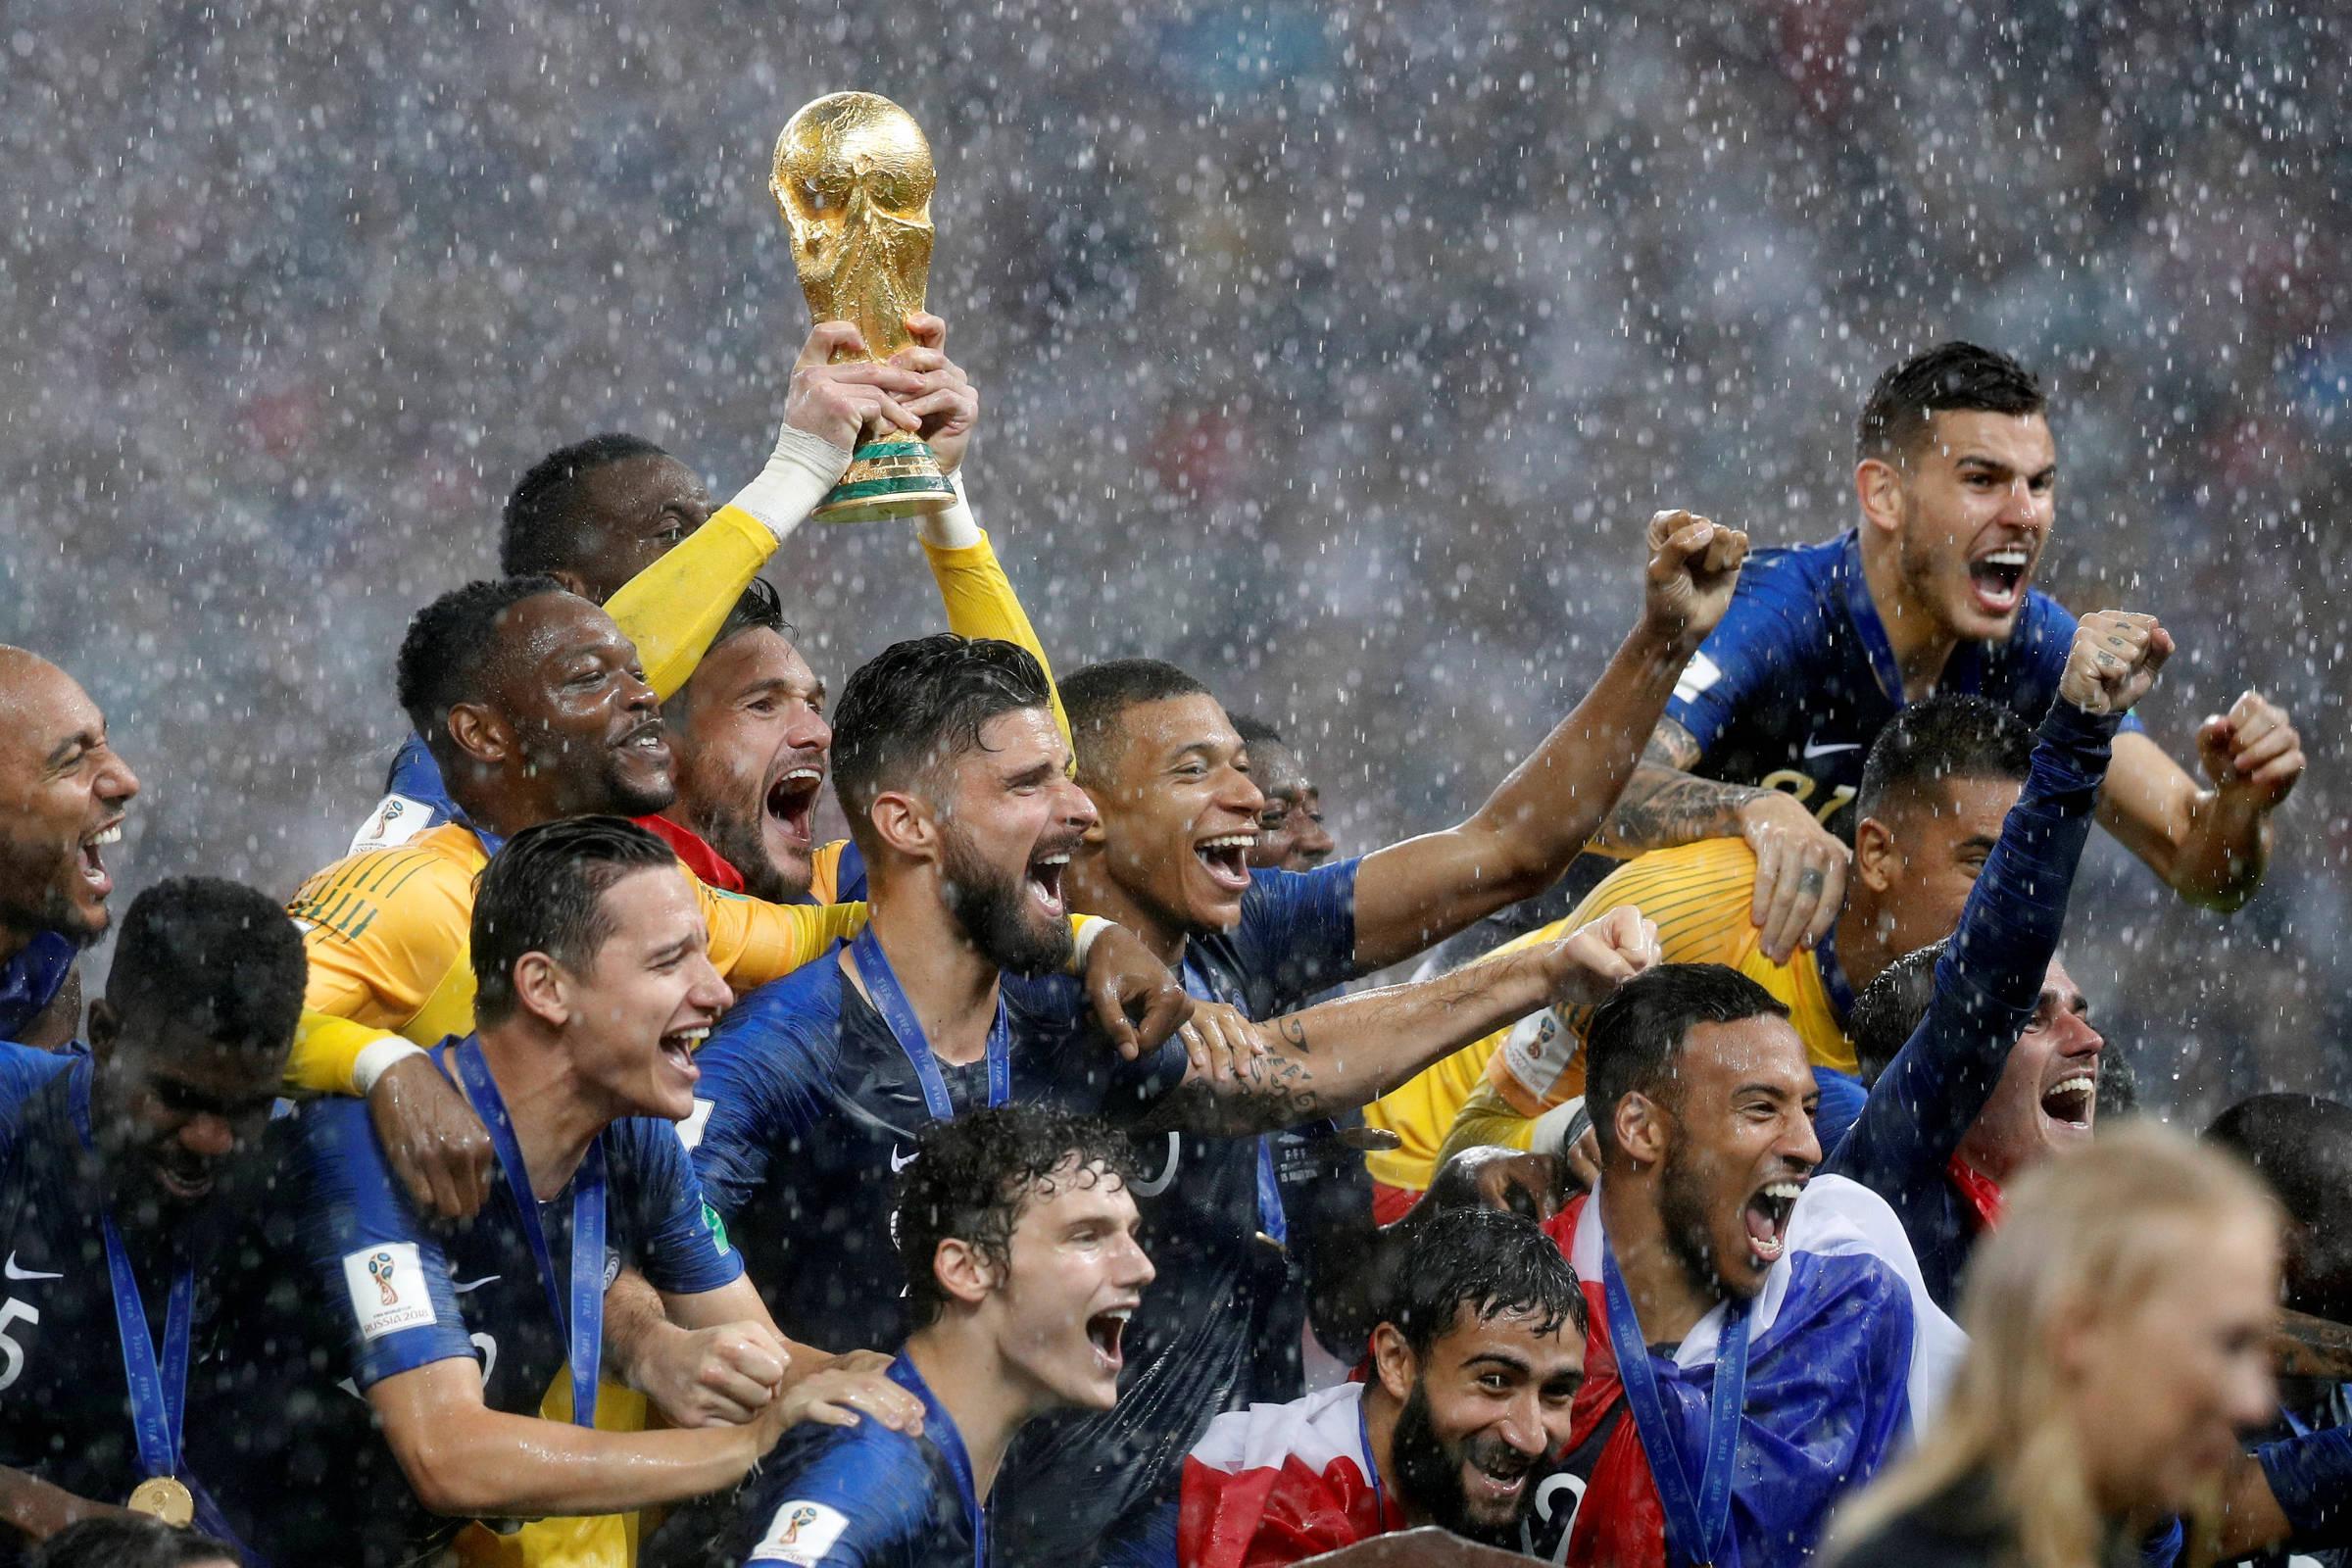 Título mundial da França confirma competência de geração promissora - 16 07  2018 - Esporte - Folha e8de481f3ffab